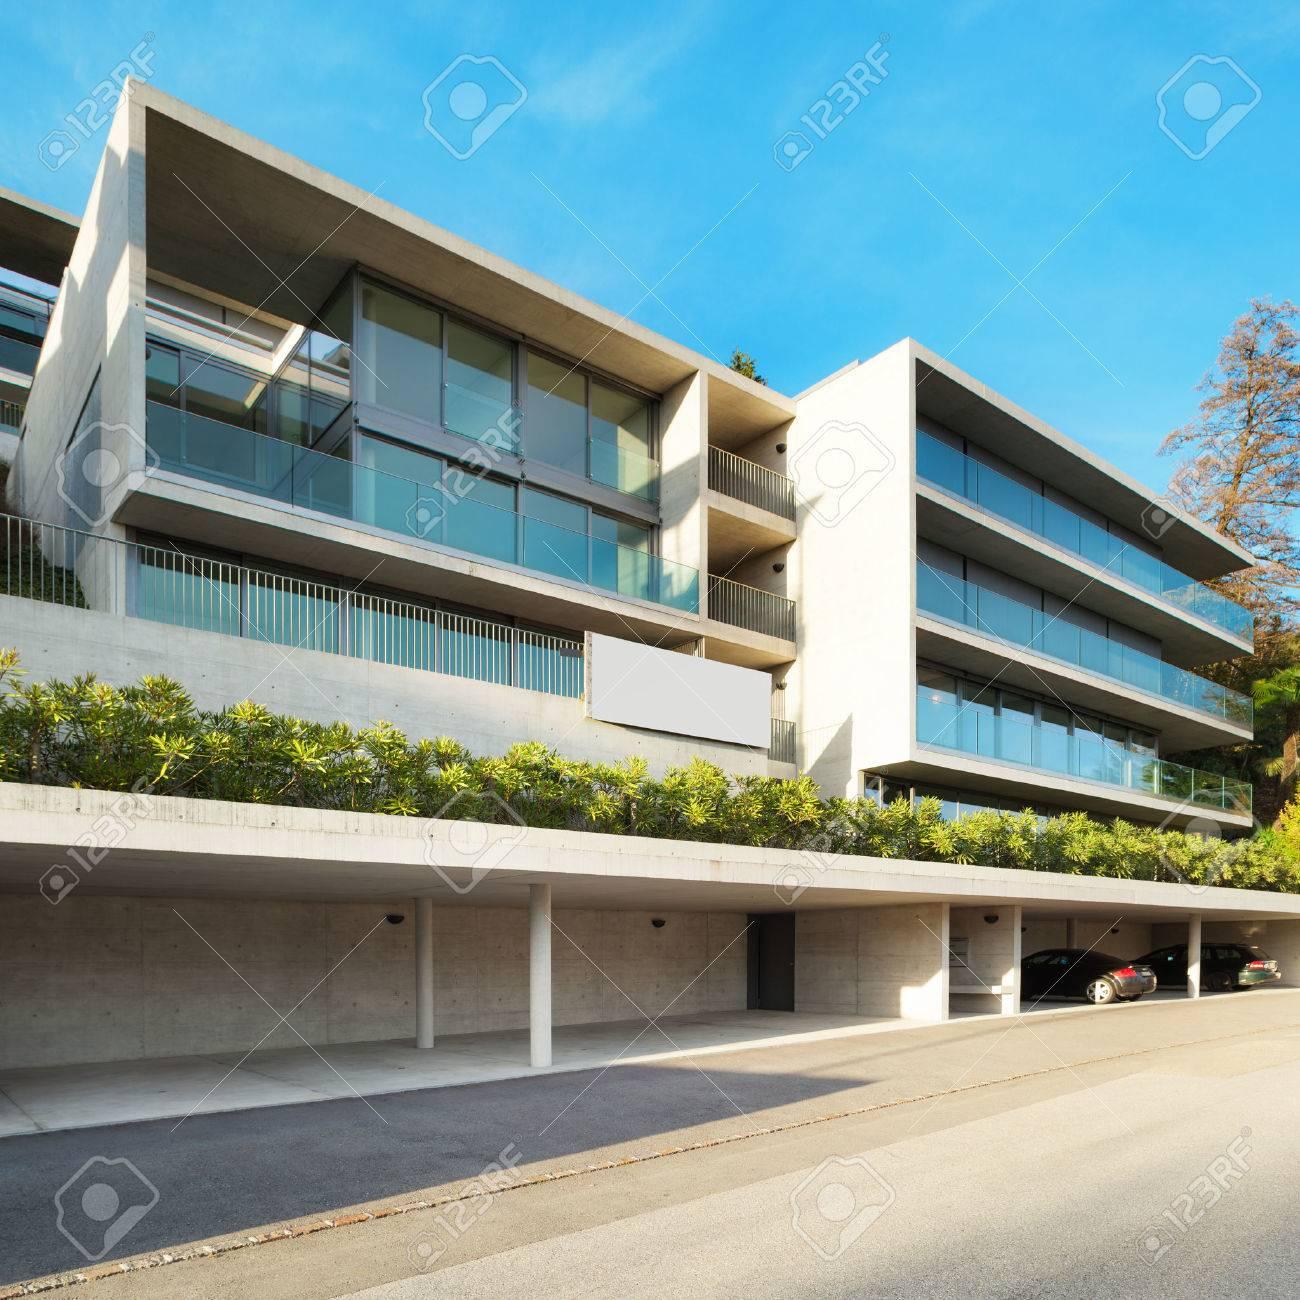 Moderne Architektur Gebaude Blick Von Aussen Lizenzfreie Fotos